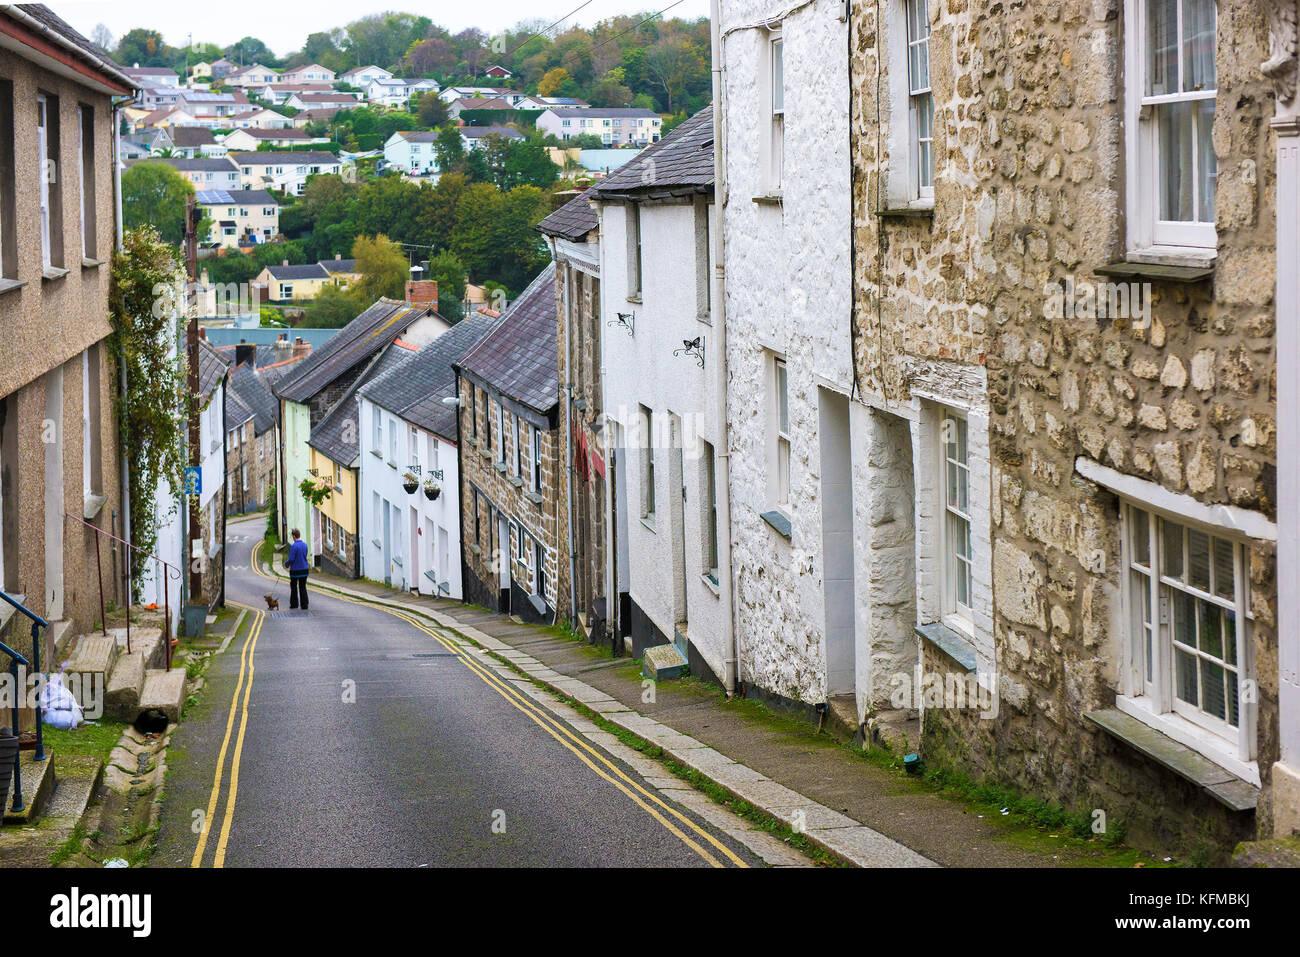 Pintoresca calle - El pintoresco st gluvias street en el Penryn en Cornwall. Imagen De Stock